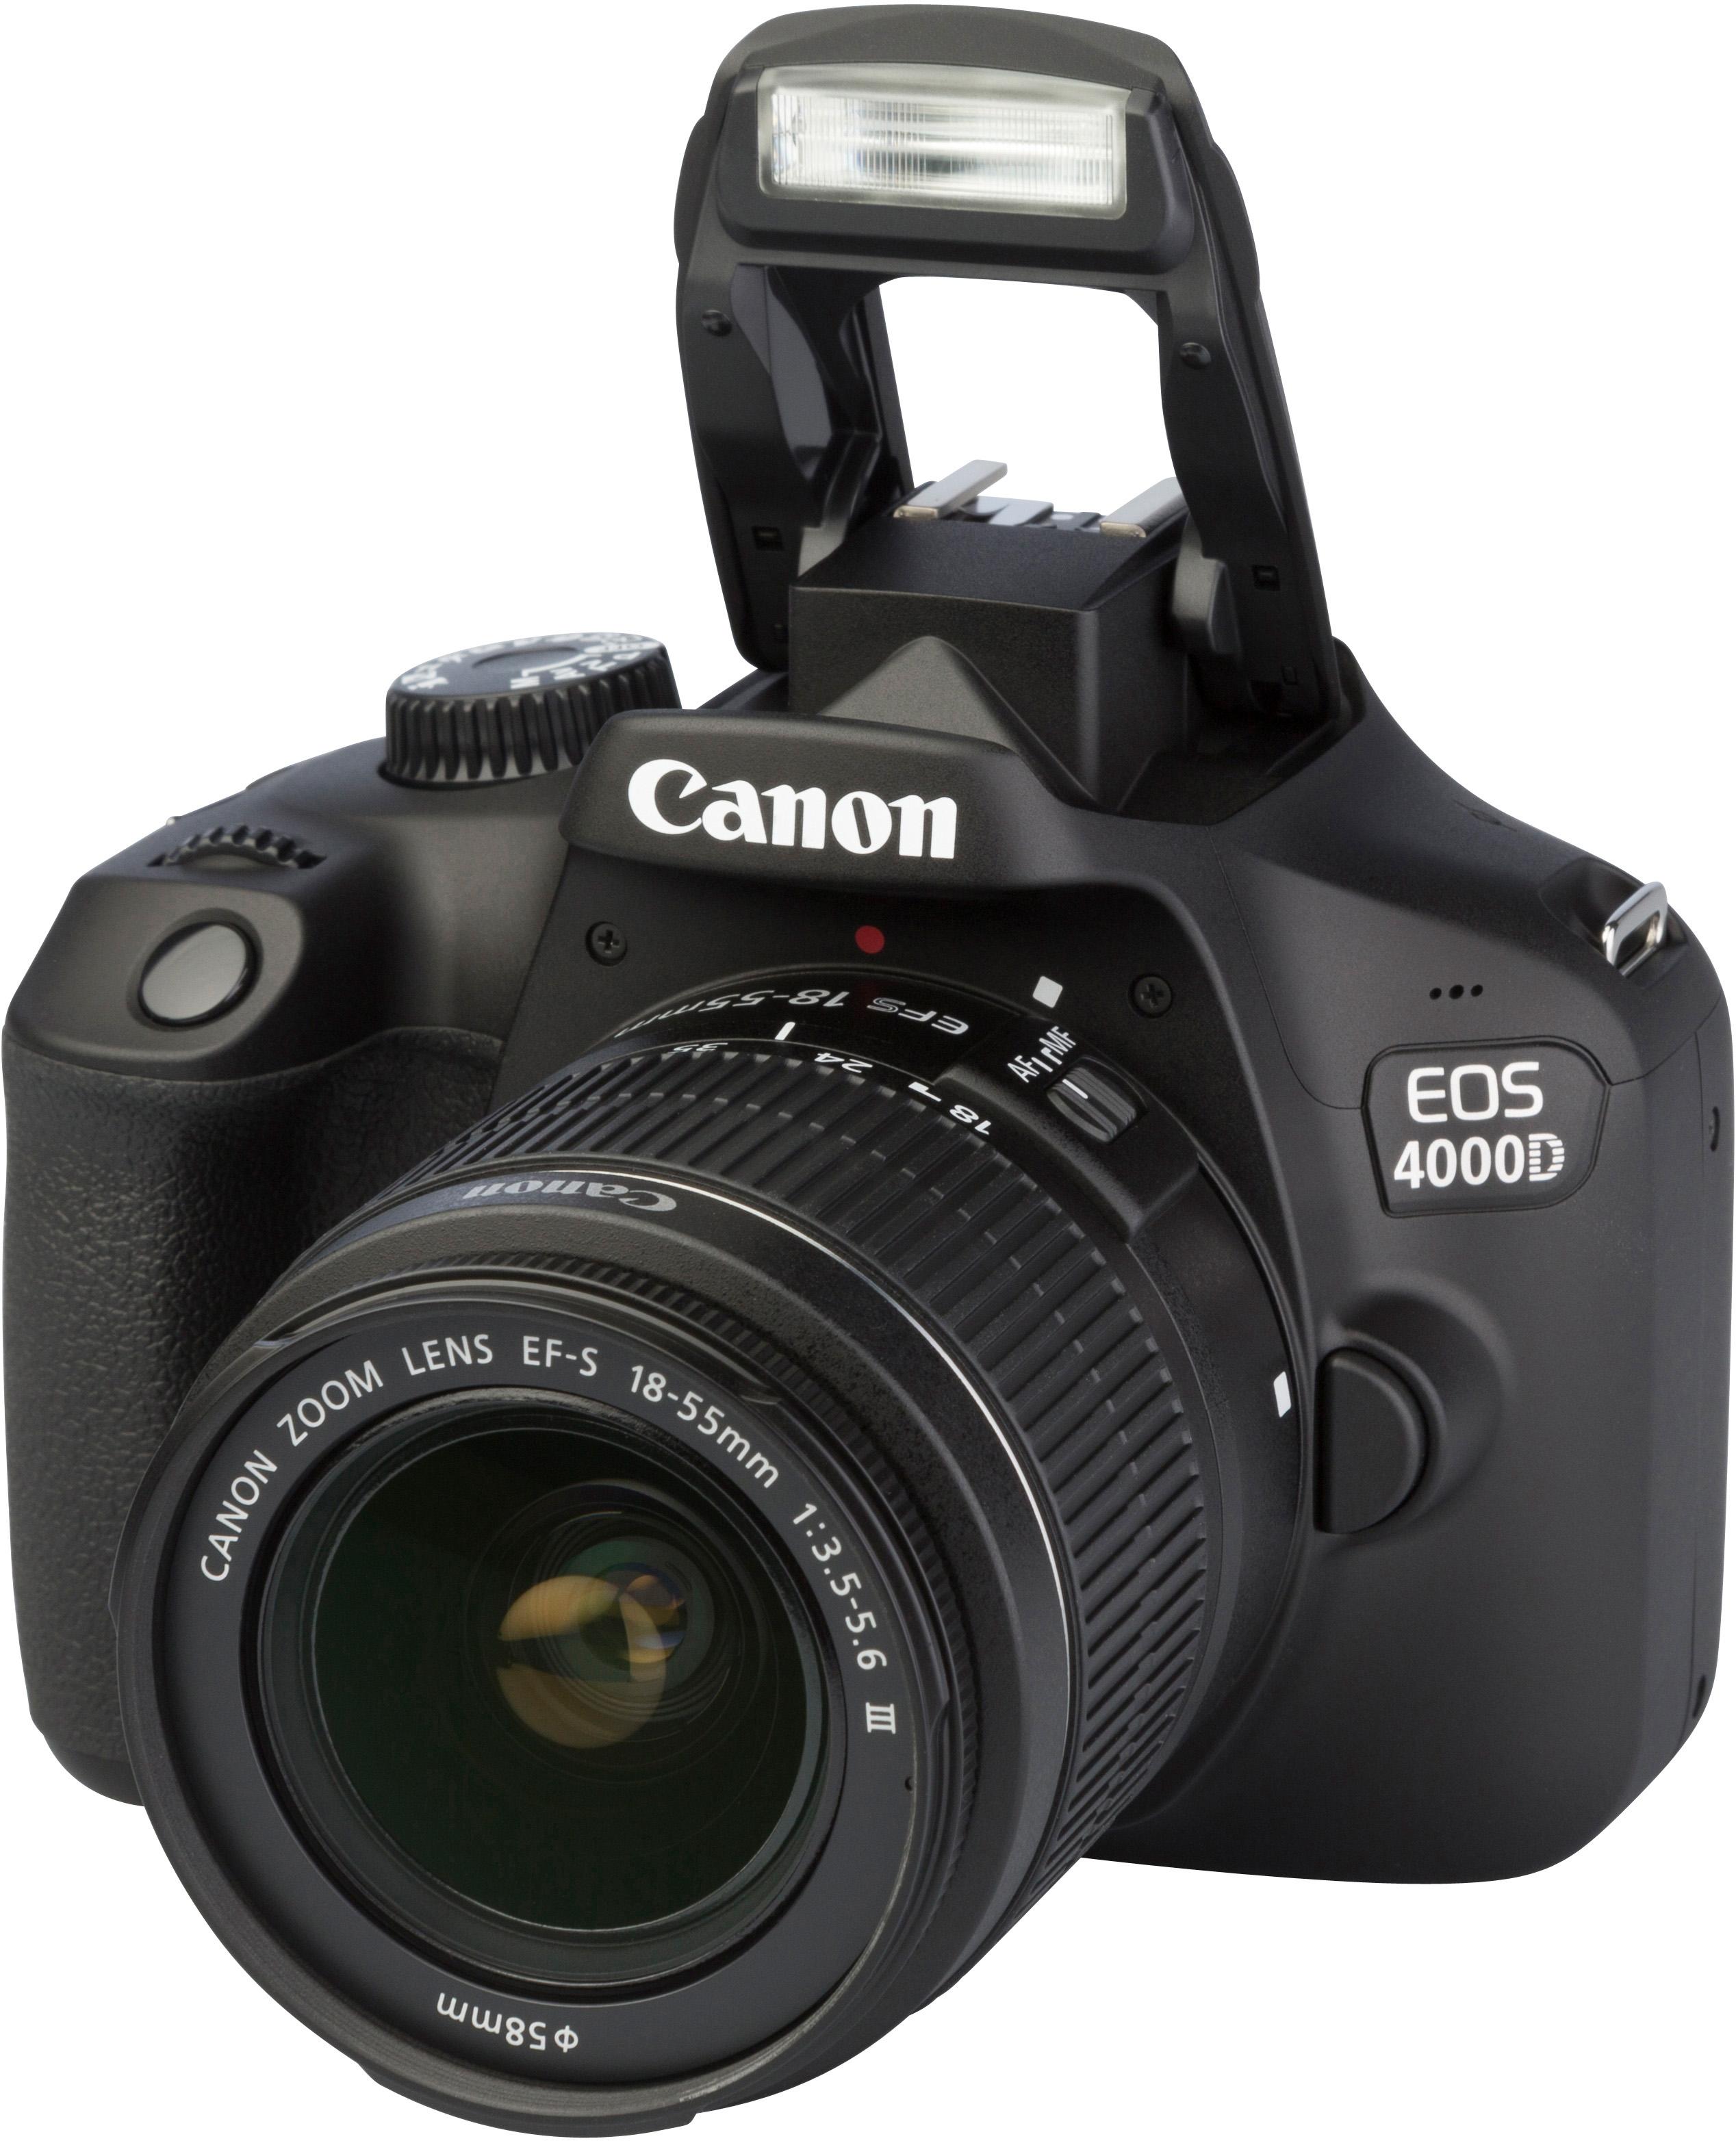 e5e174475e443d CANON EOS 4000D + EF-S 18-55mm f 3.5-5.6 DC III  test complet, prix,  spécifications